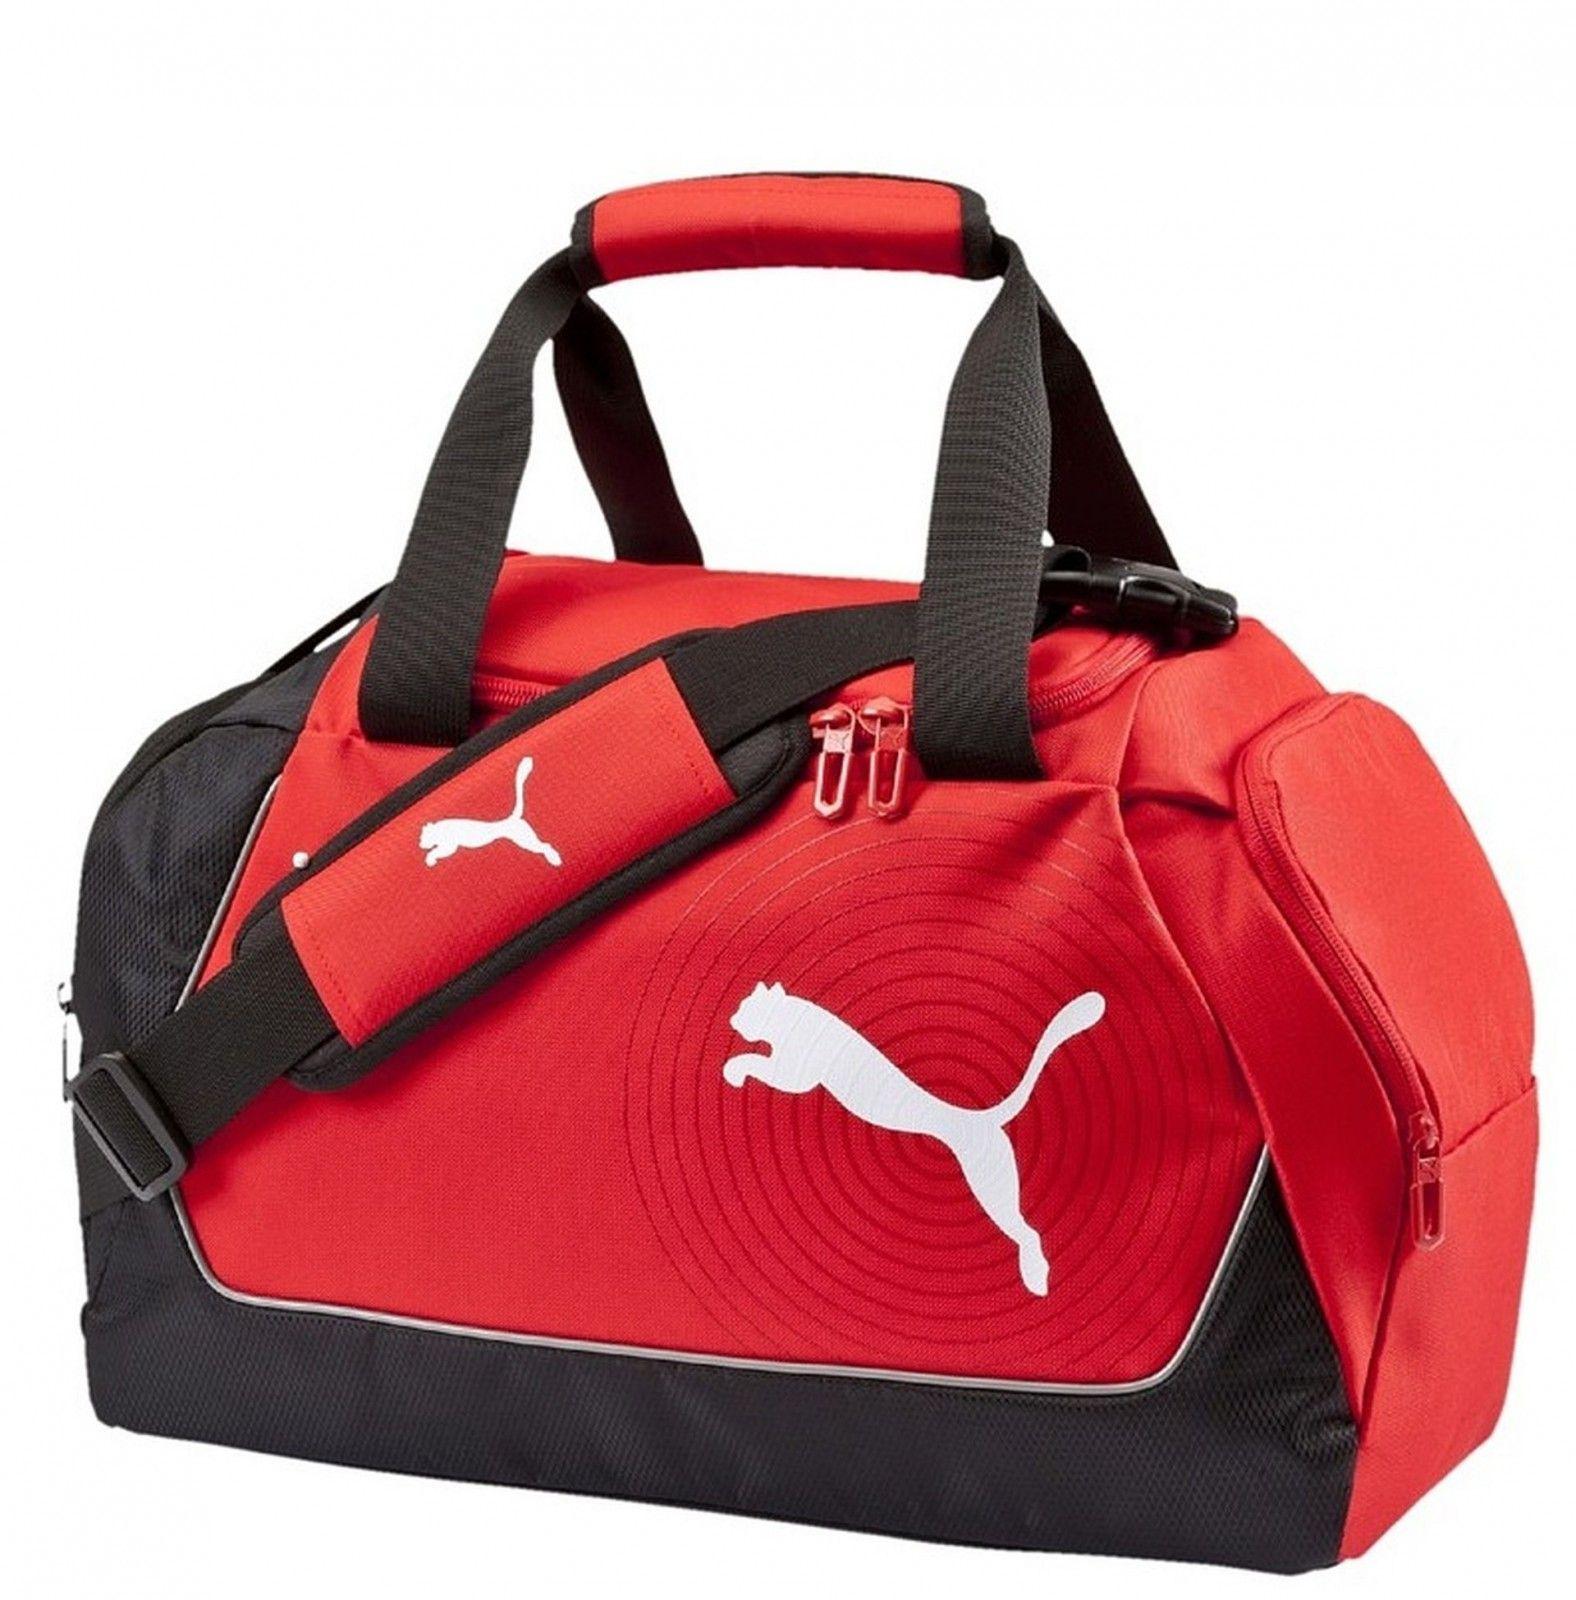 puma evopower sporttasche